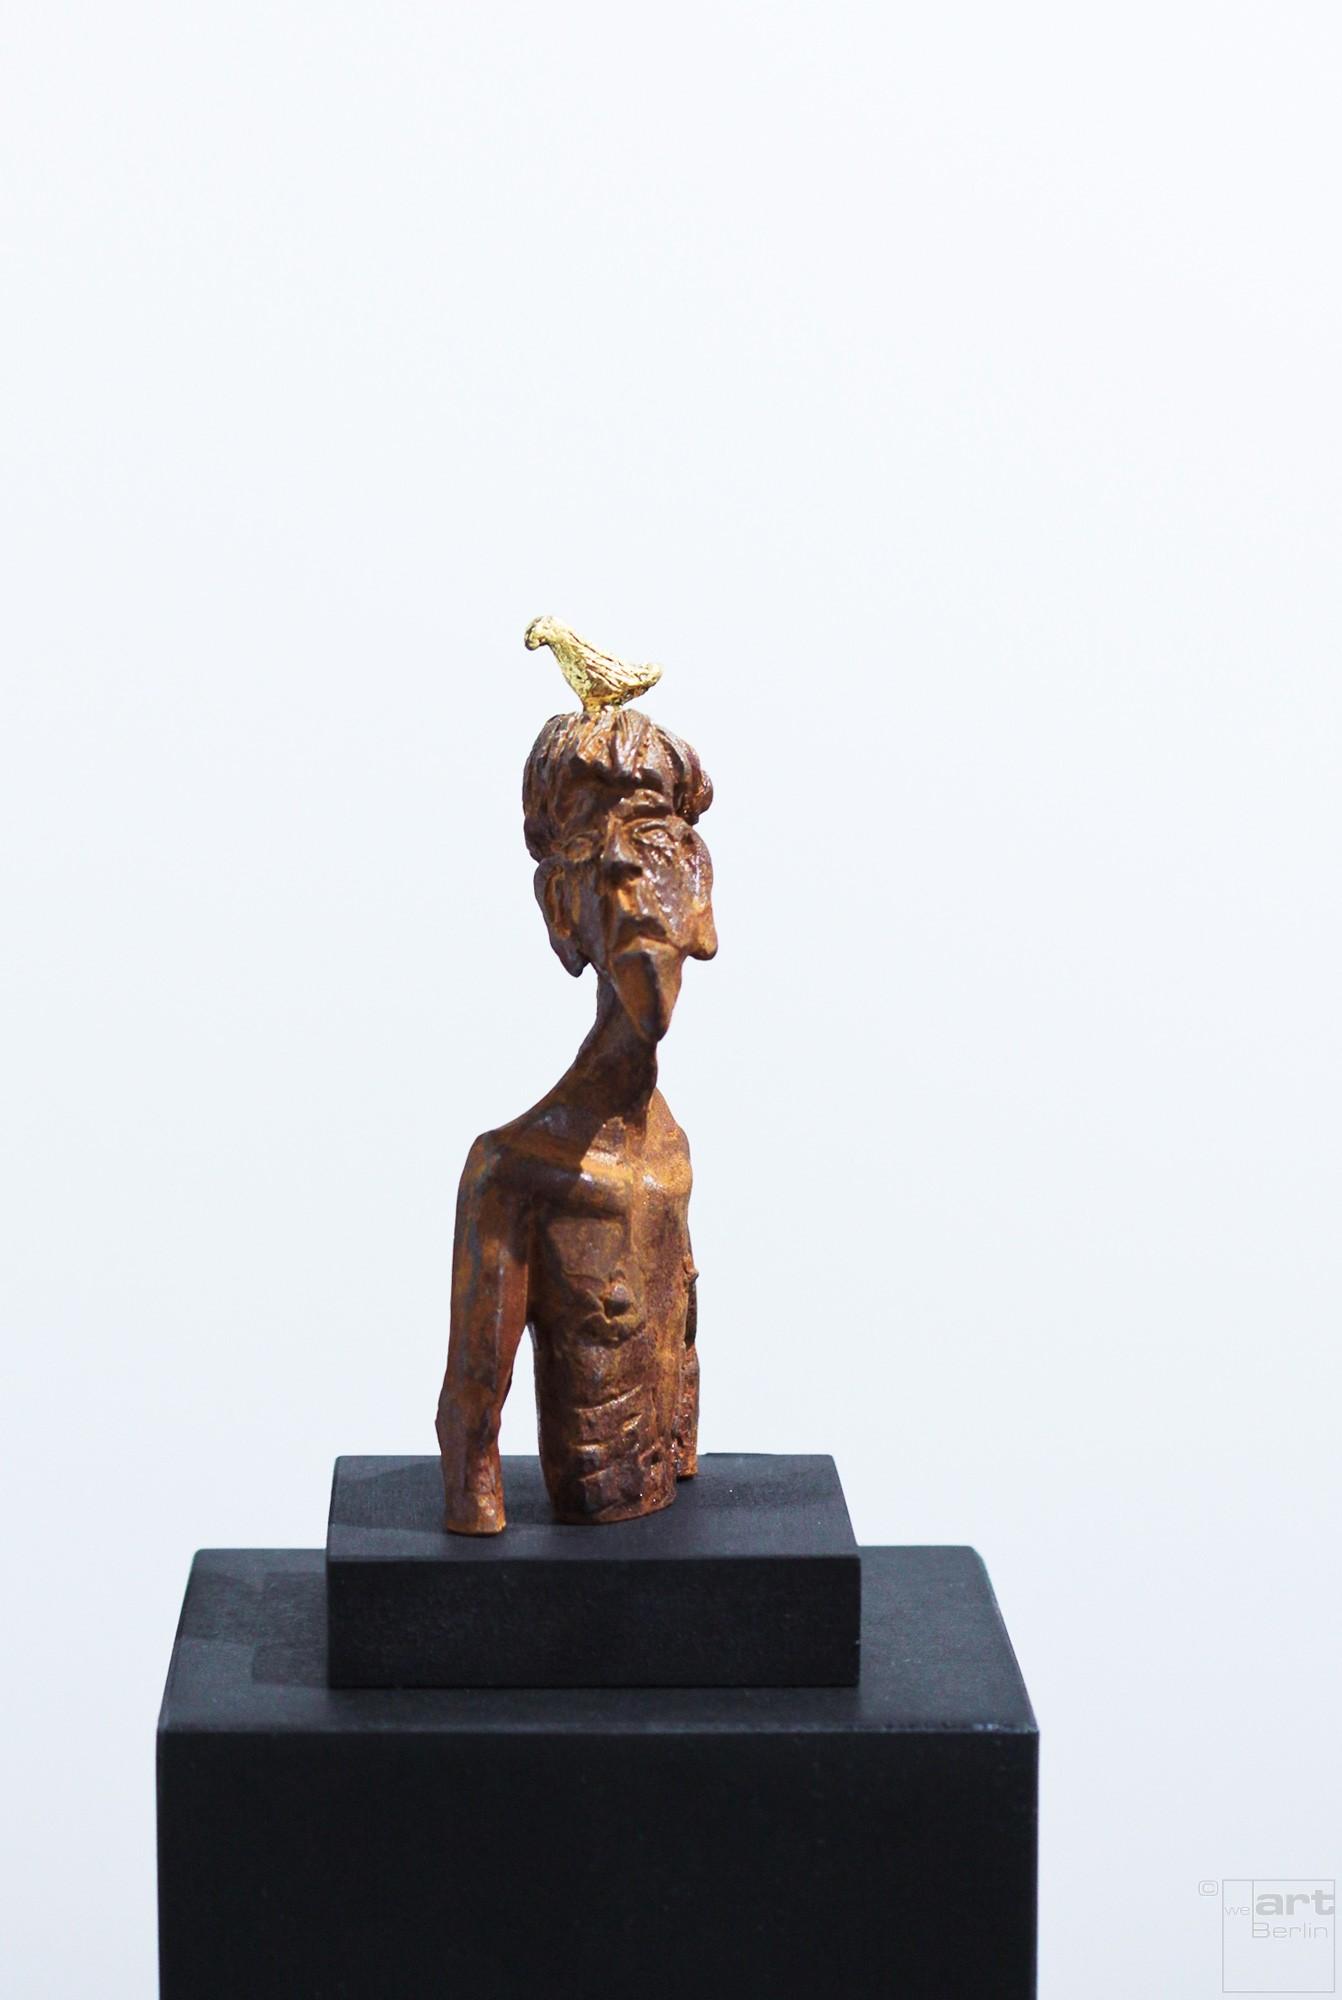 Nesthocker - Eisen Plastik mit Blattgold, Skulptur von Tim David Trillsam, Edition (1)